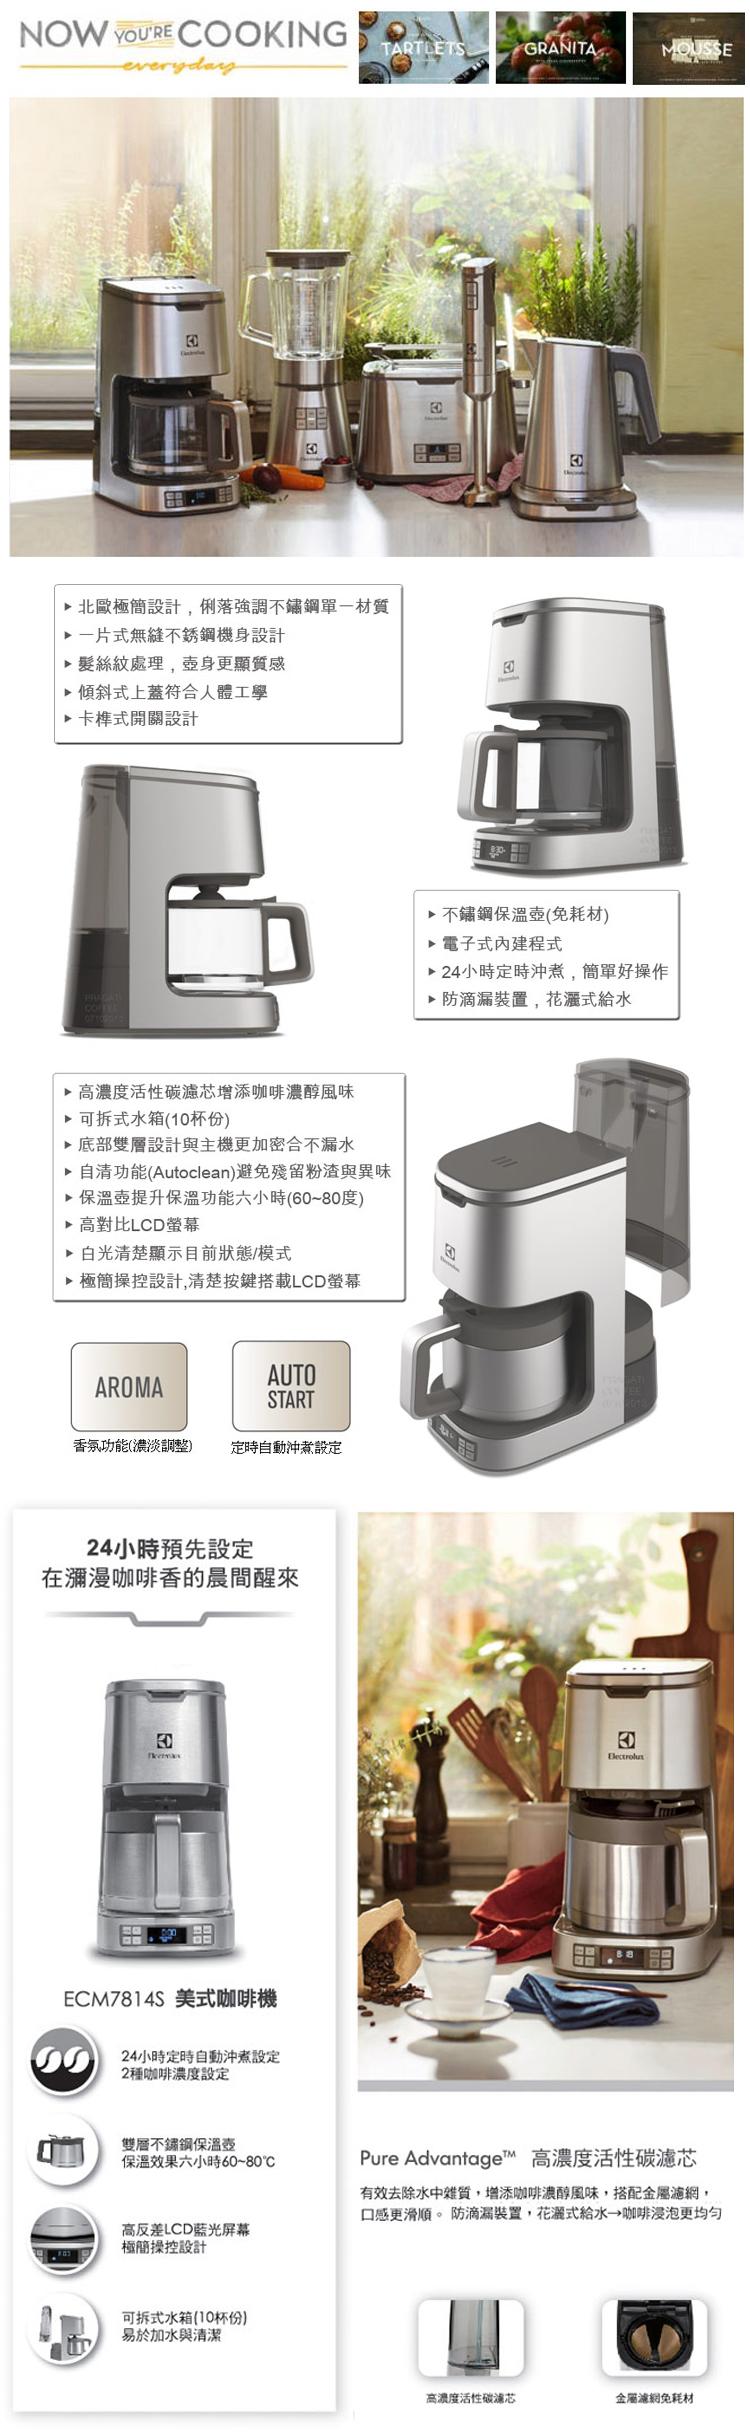 【強檔優惠】【買就送磨豆機+咖啡豆】Electrolux 伊萊克斯 ECM7814S 咖啡壺 大師系列 不鏽鋼